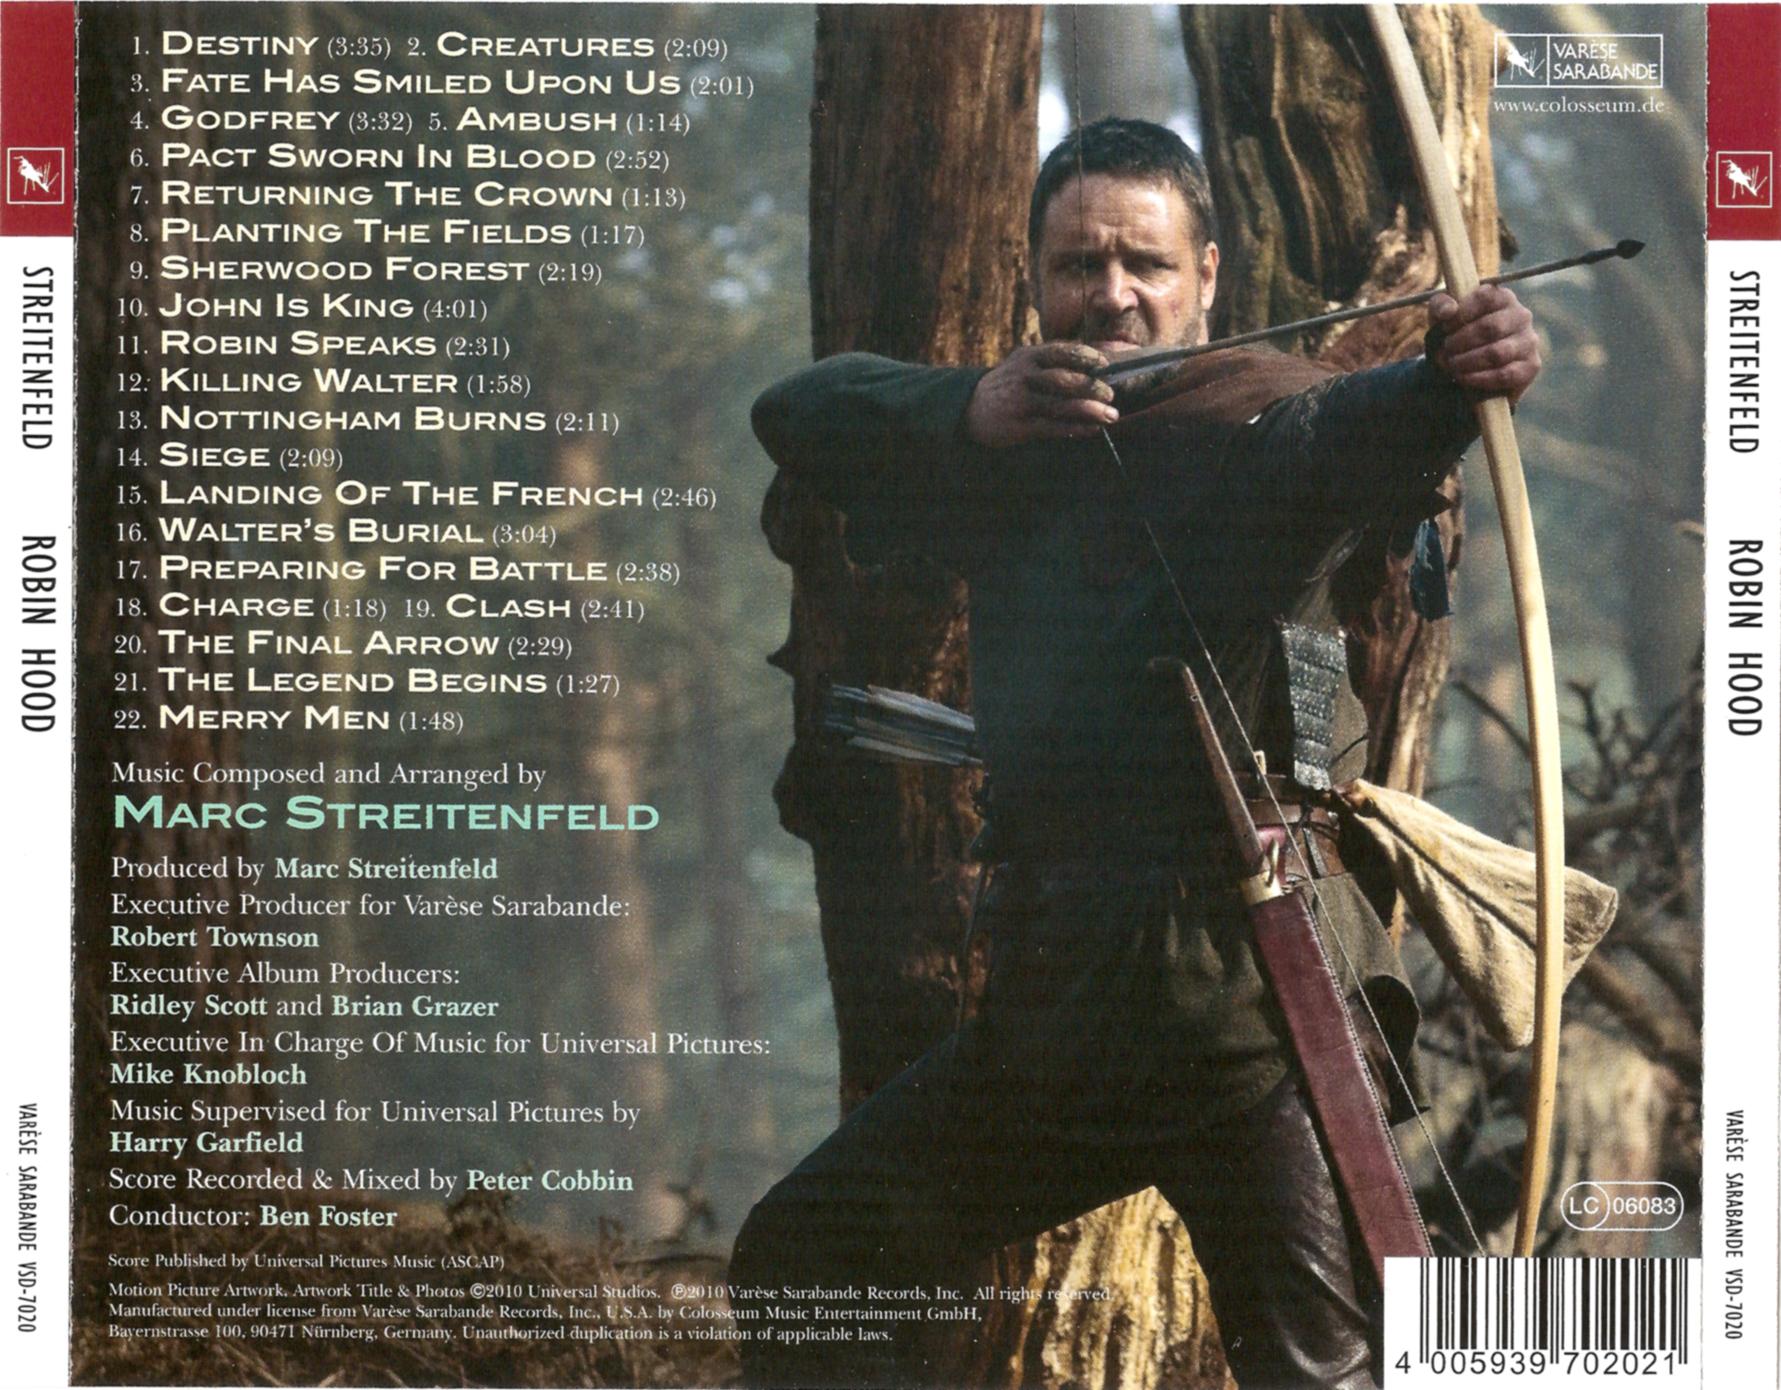 The Greatest Showman: Original Motion Picture Soundtrack Vinyl